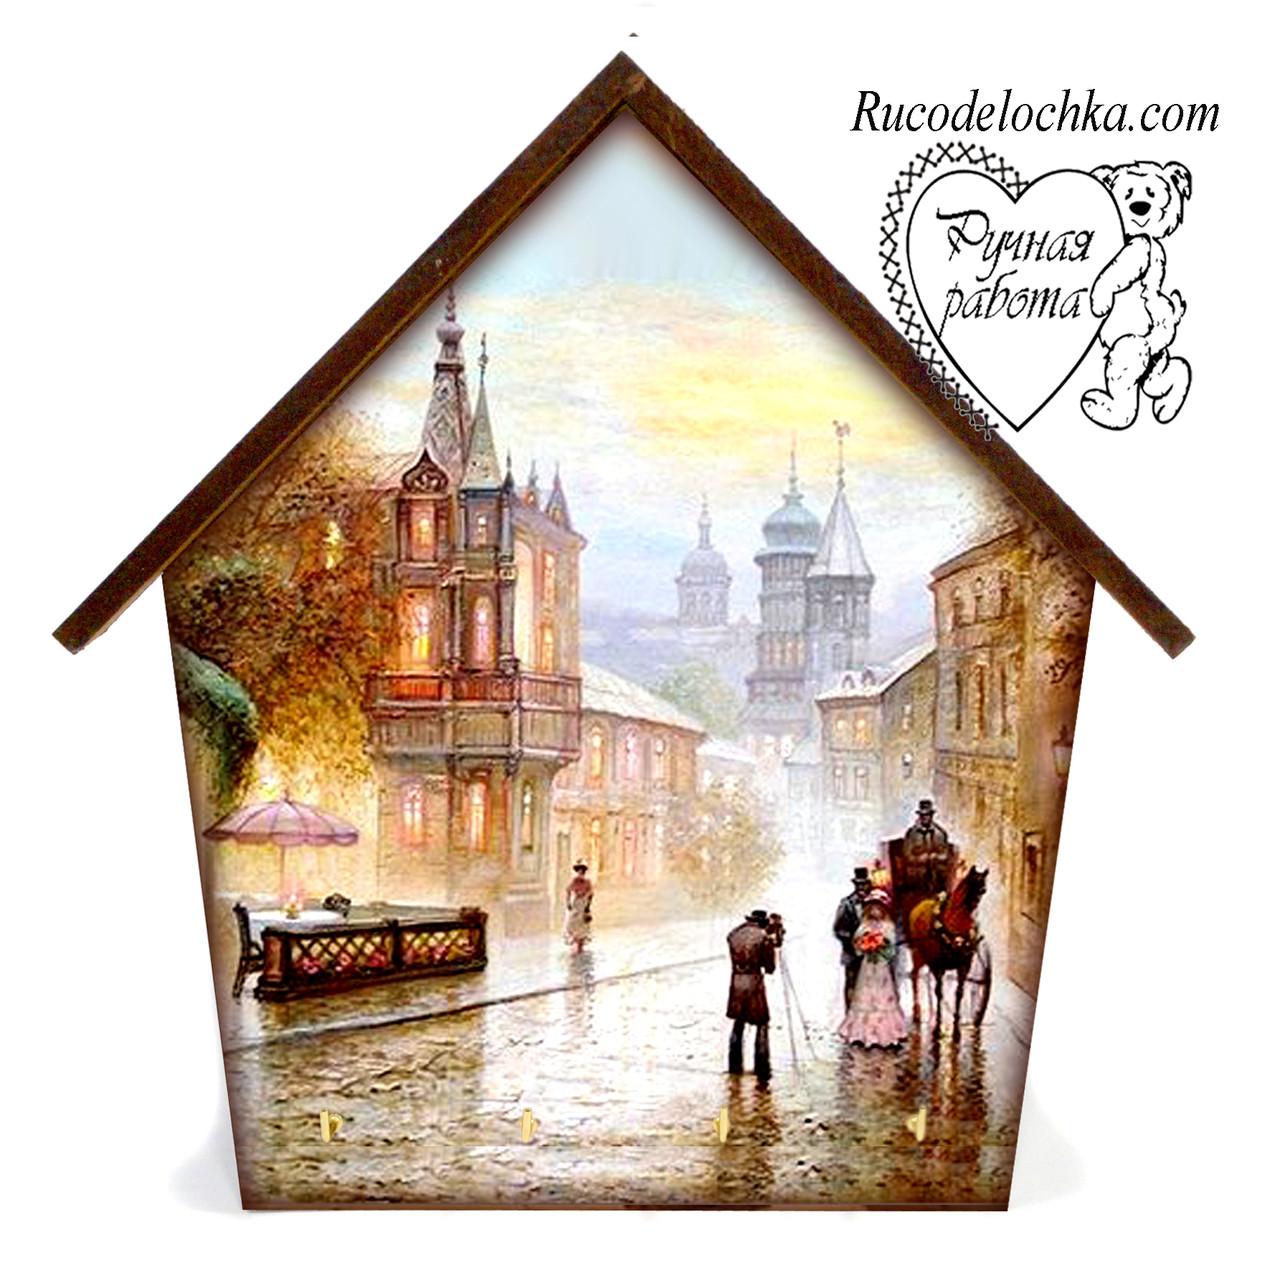 Ключница  домик Старый город карета фотограф, средняя 18 * 23 см, ручная работа, Подарок в семью